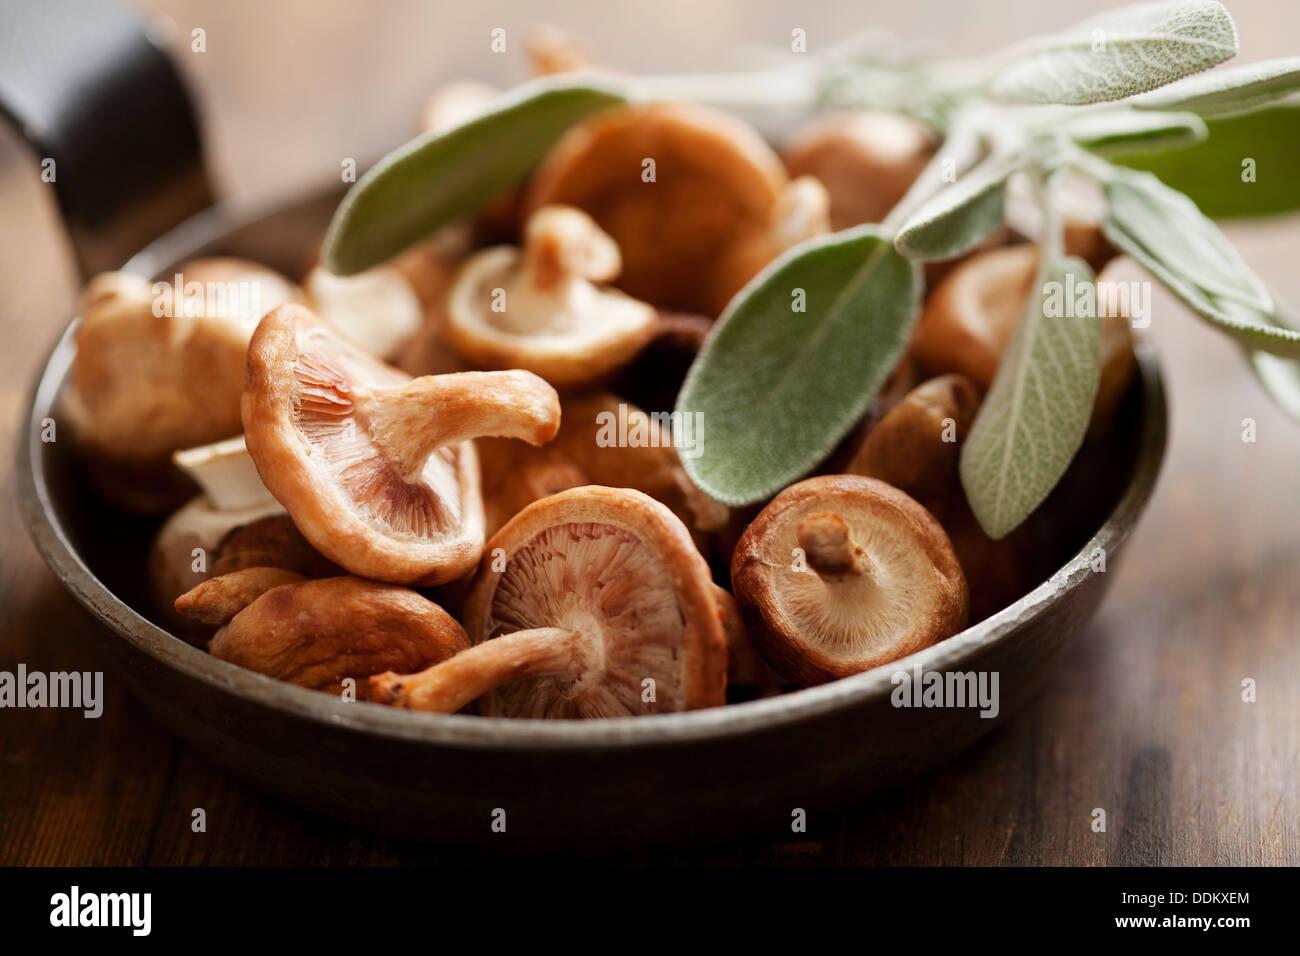 Funghi shiitake Immagini Stock